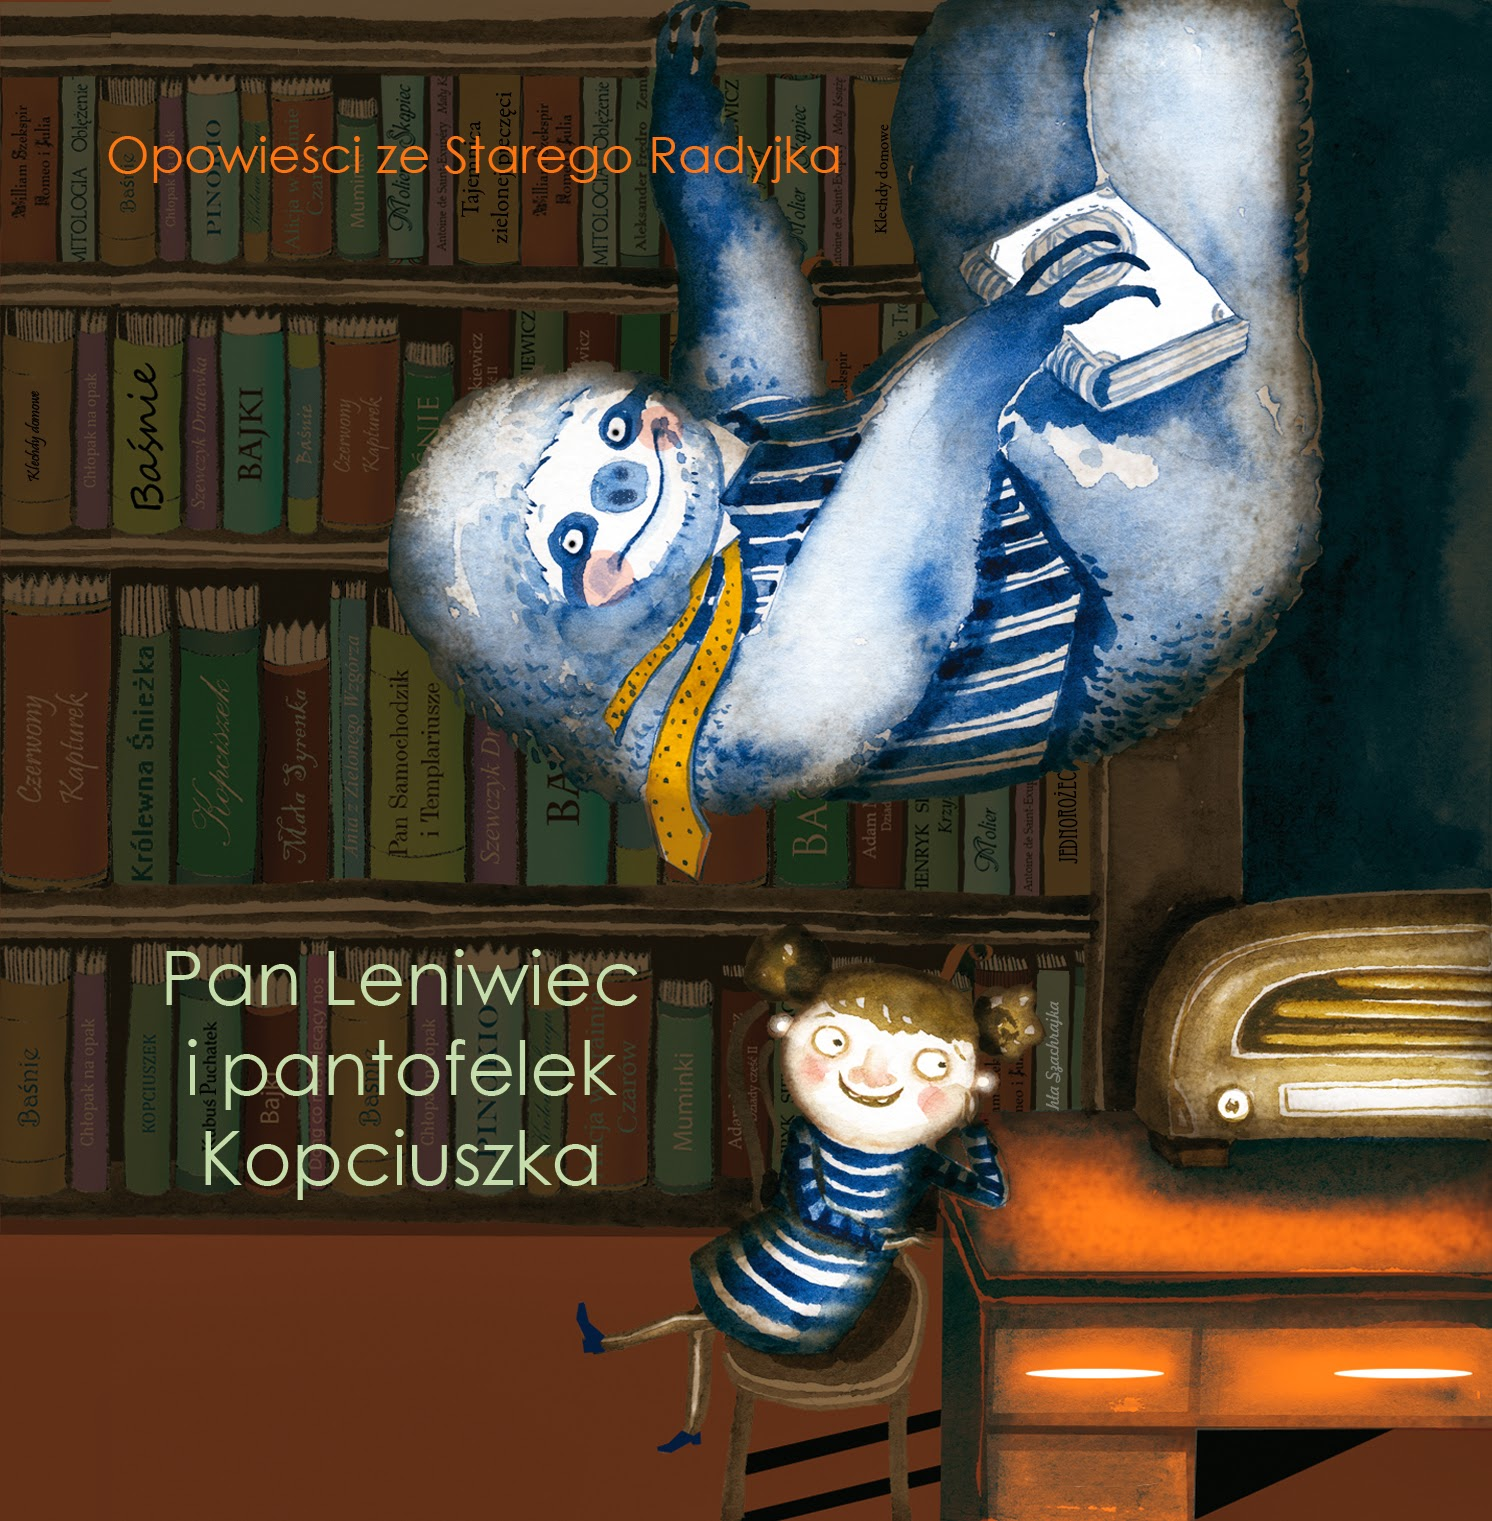 Pan leniwiec okładka_duza